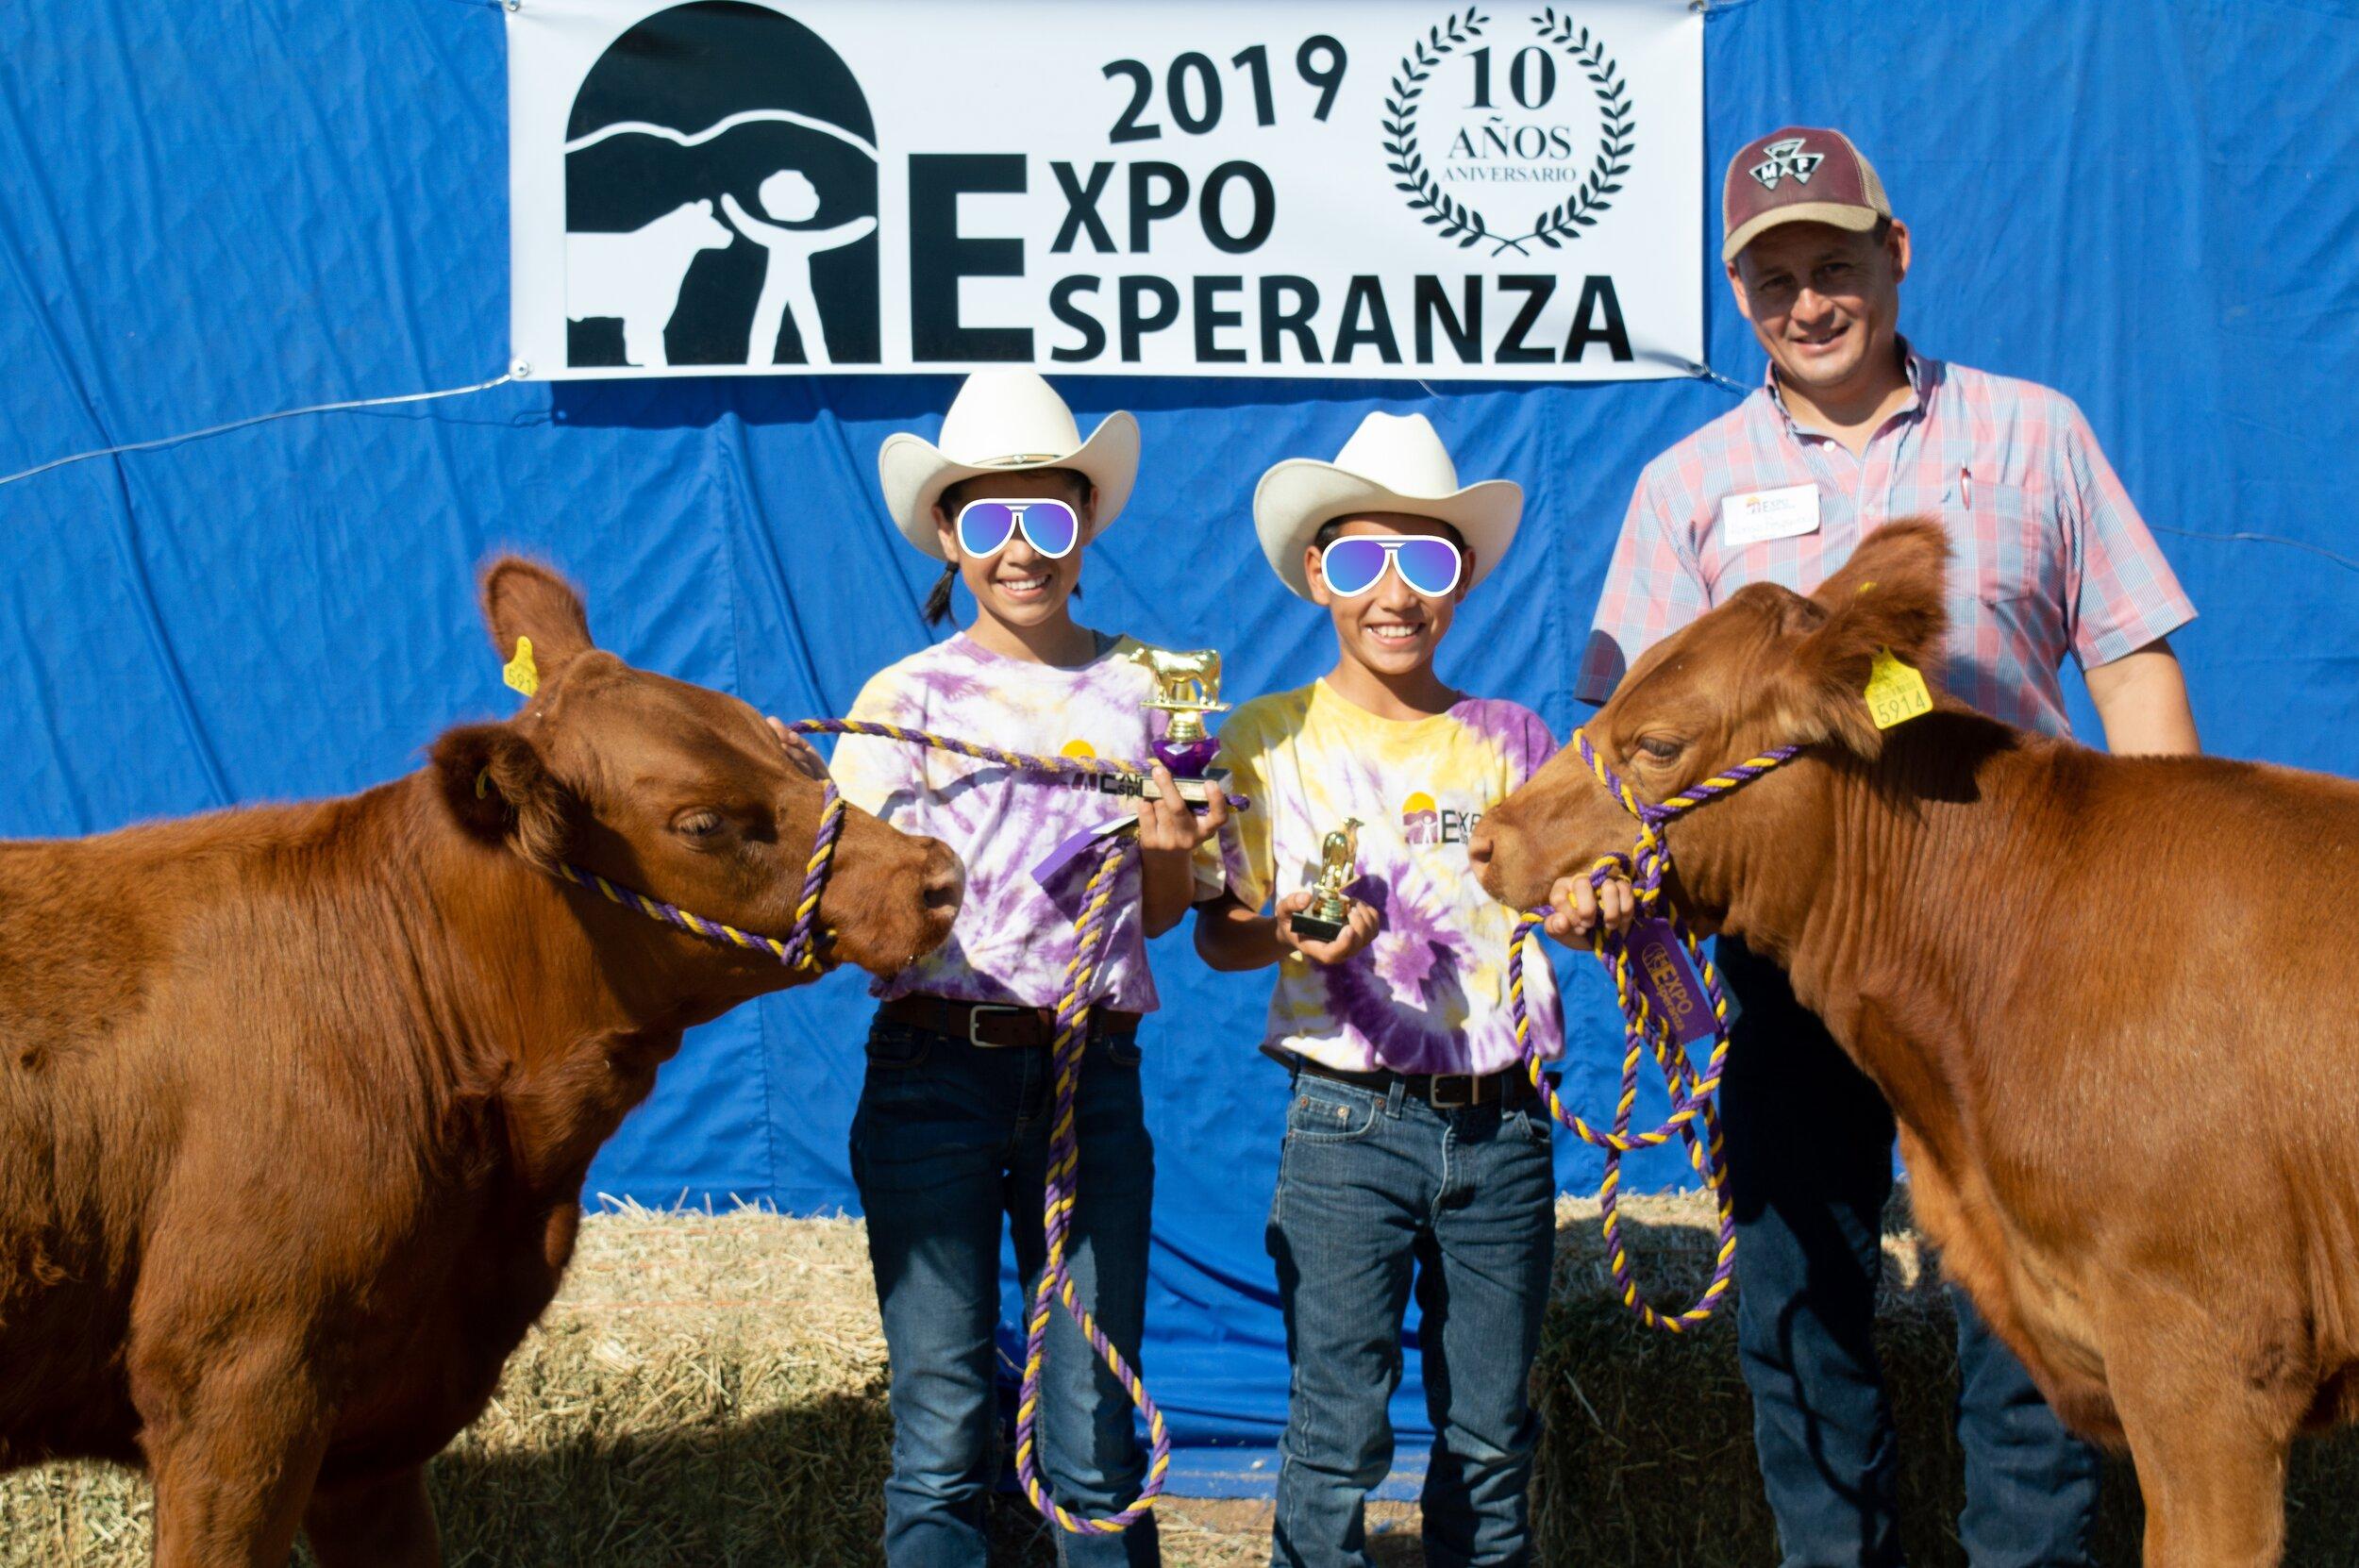 Expo Esperanza (371).jpg